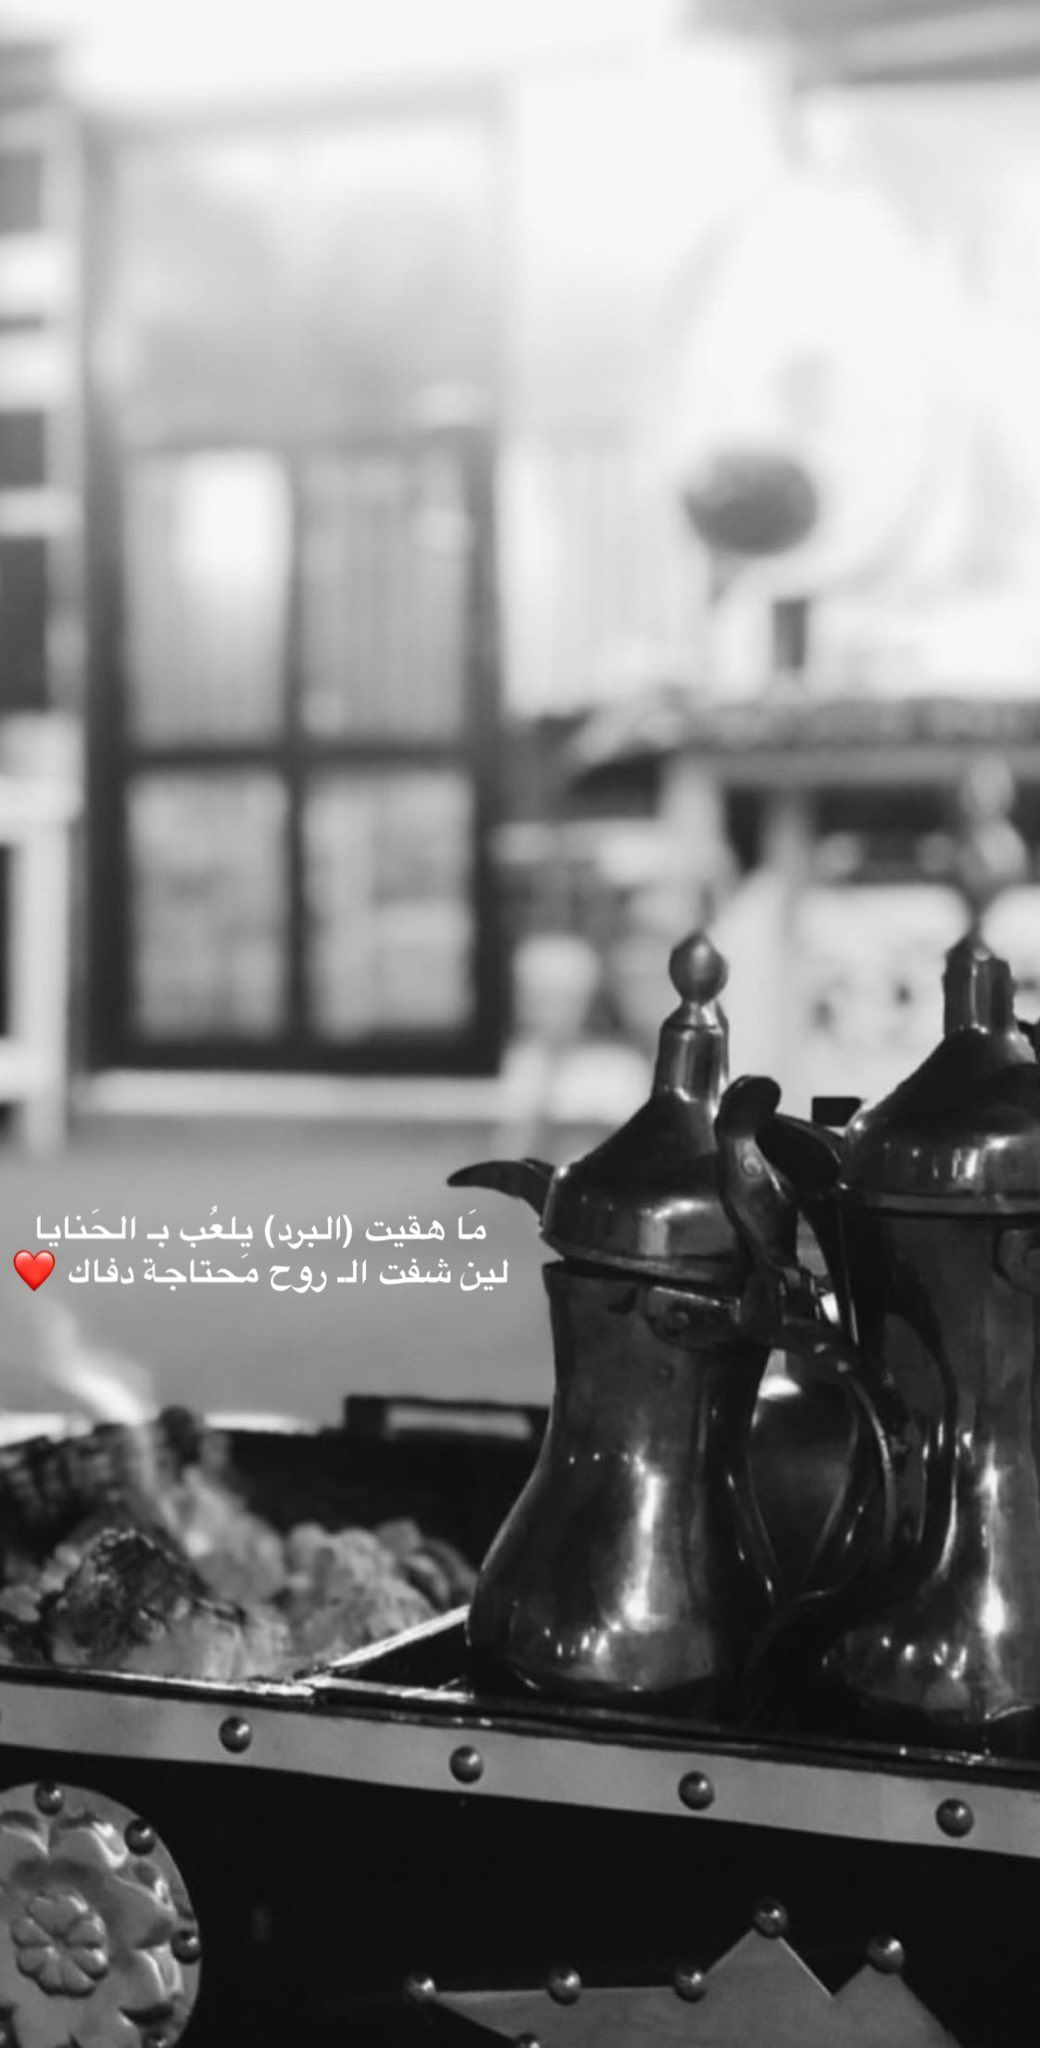 أبيات القصيد Abeatalqused Twitter Cover Photo Quotes Love Smile Quotes Quotes For Book Lovers